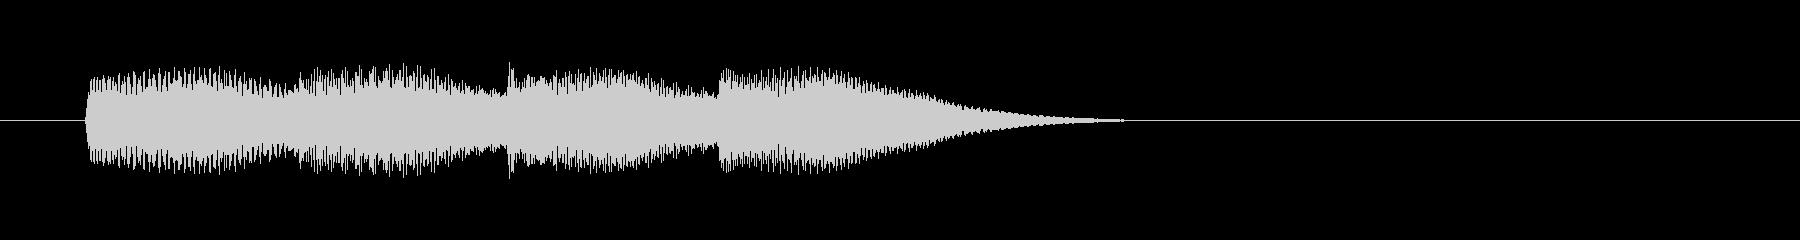 スマホイメージの通知音4の未再生の波形